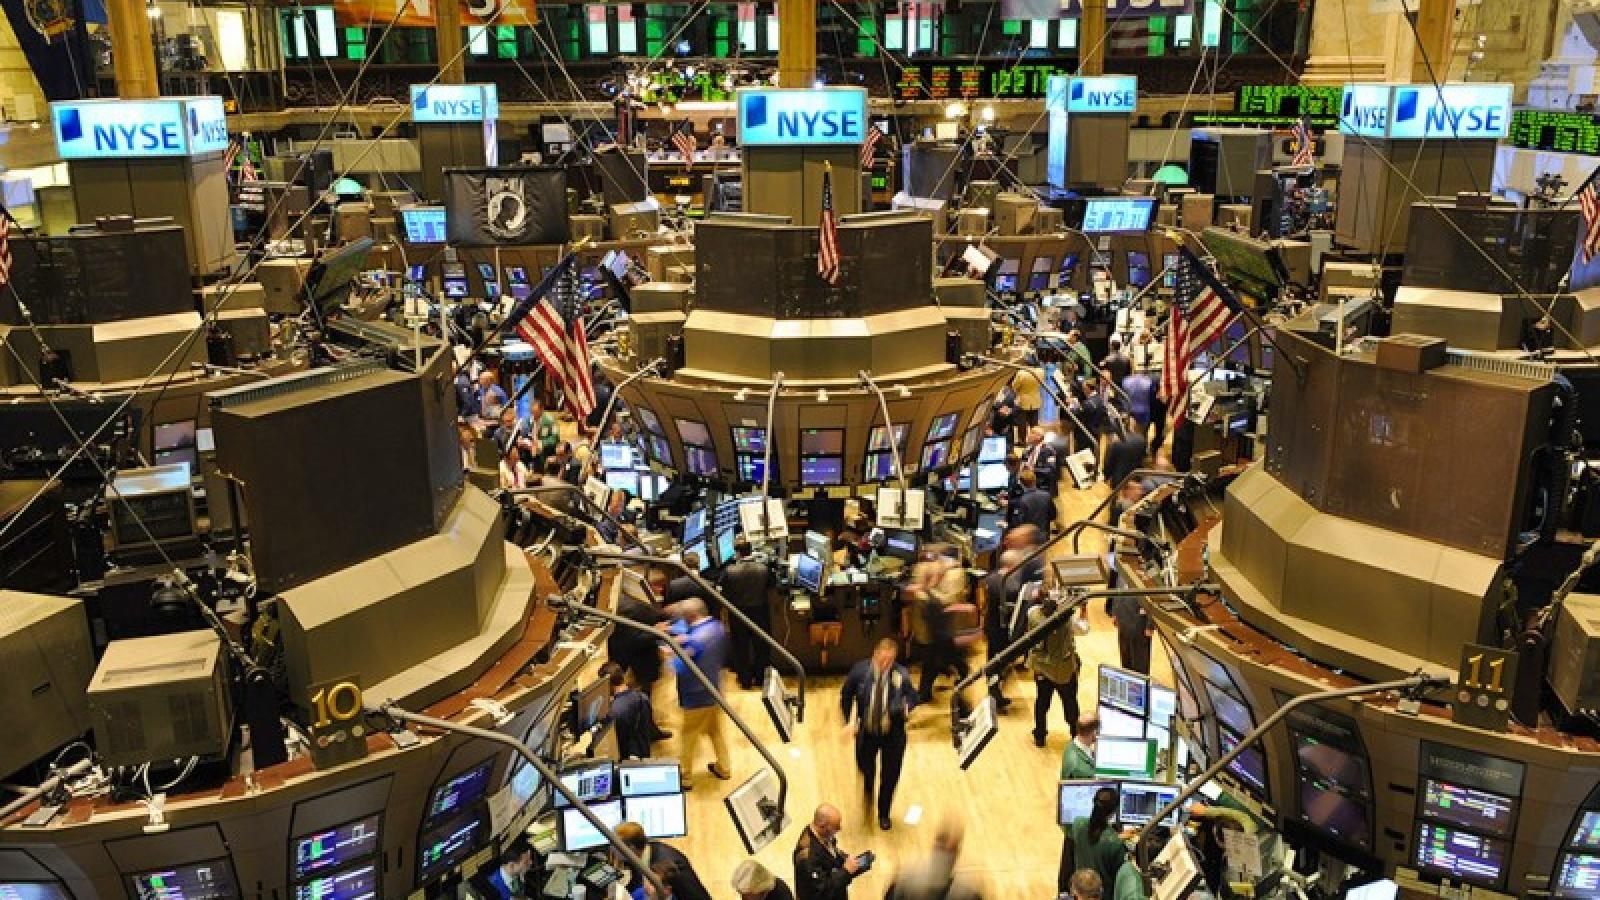 Thị trường chứng khoán Mỹ khép lại một tuần giao dịch tồi tệ kể từ tháng 3